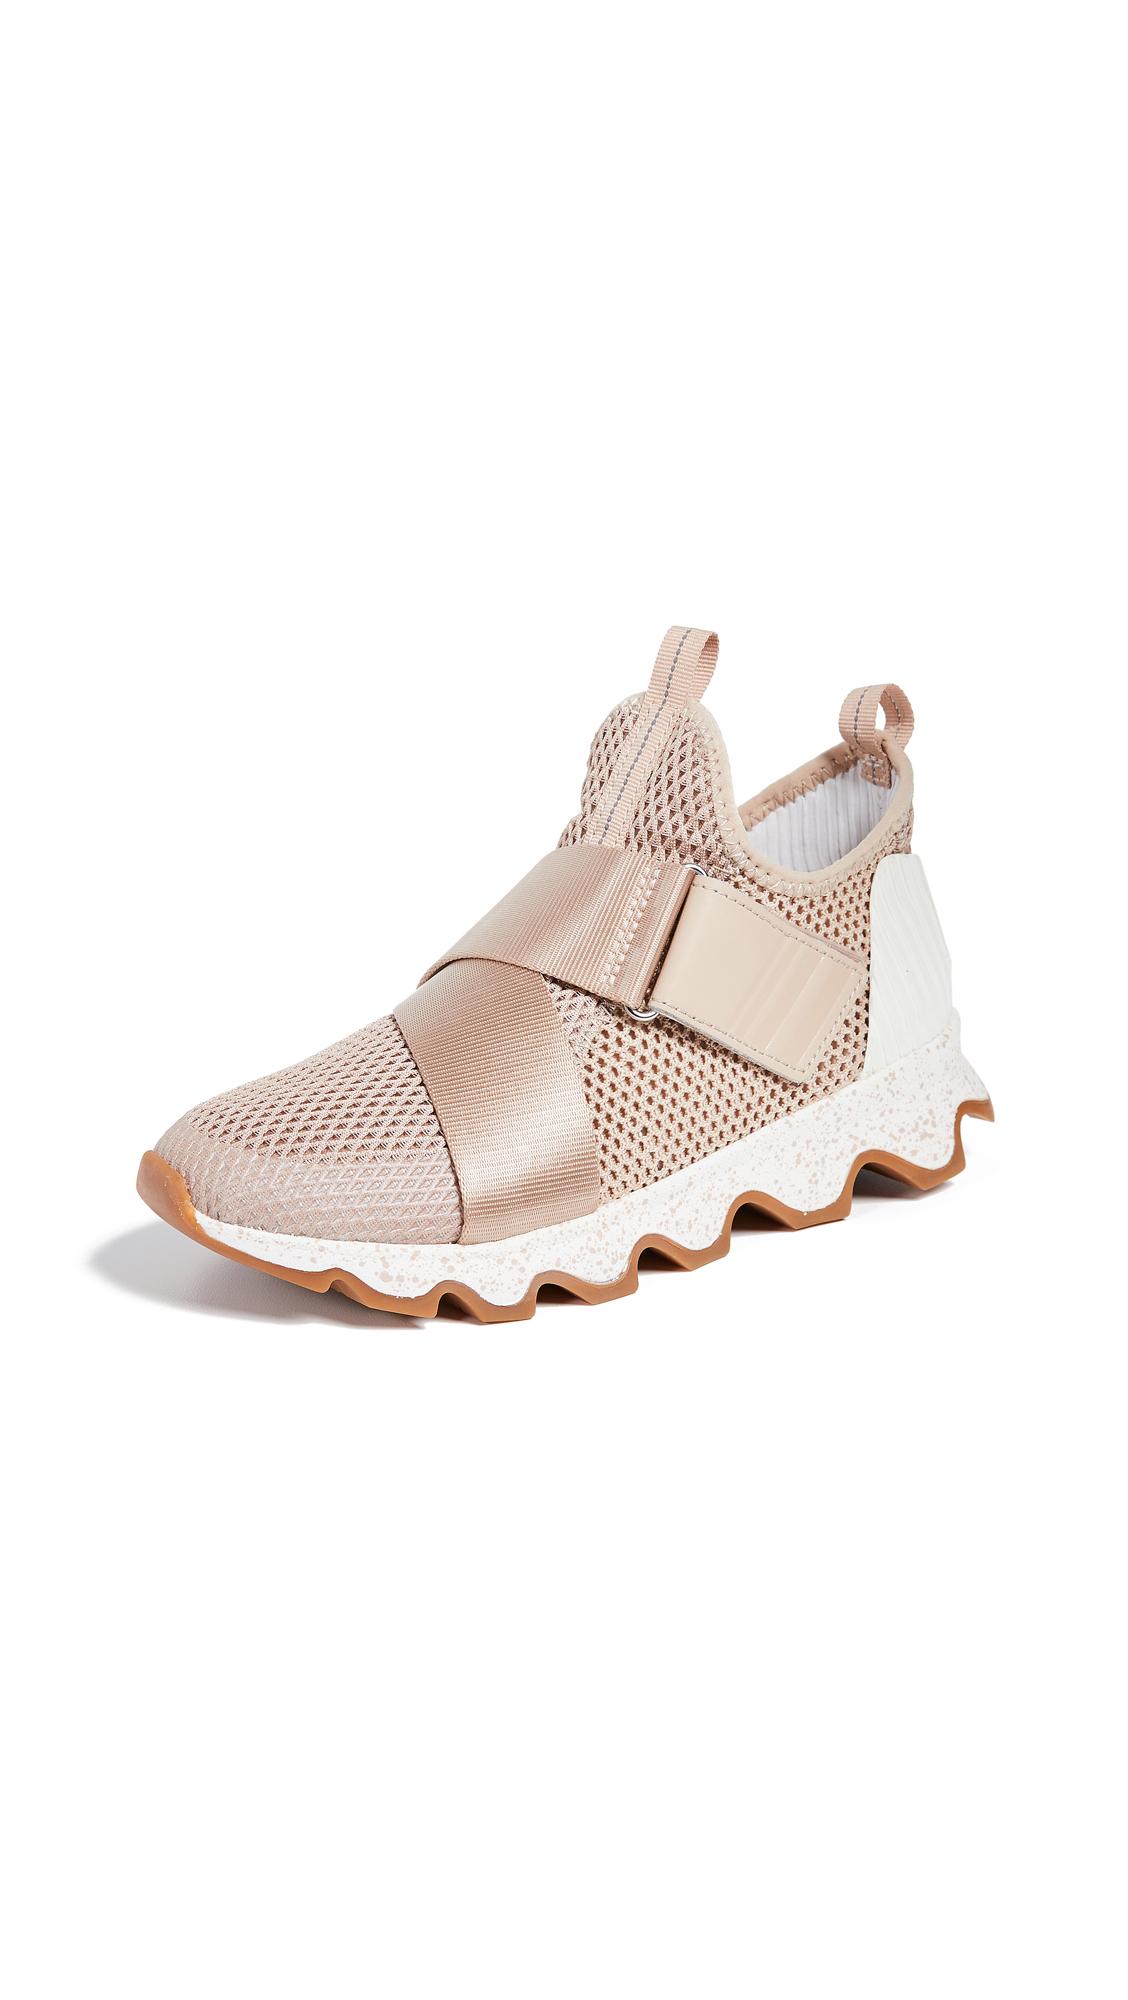 Sorel Kinetic Sneakers - Natural Tan